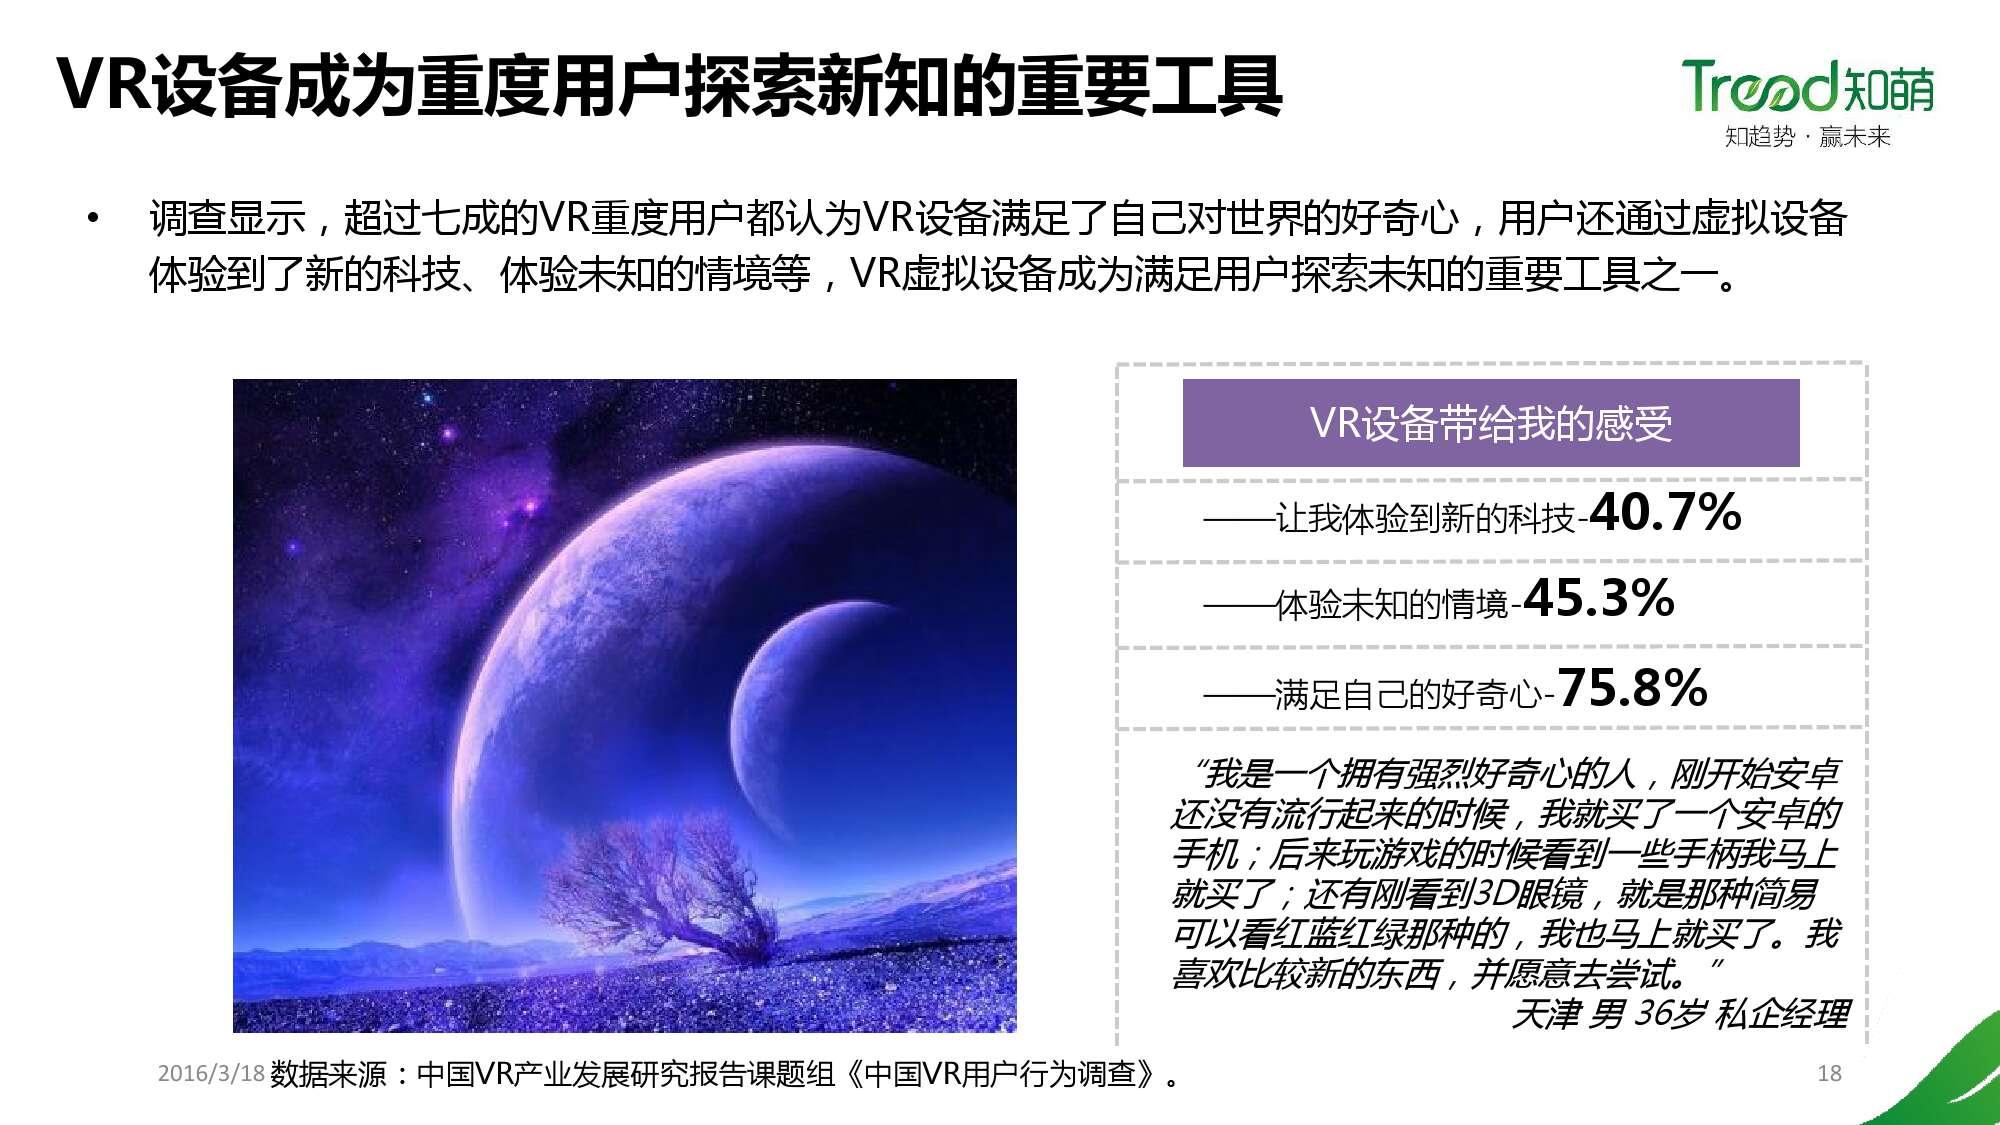 中国VR用户行为研究报告_000018